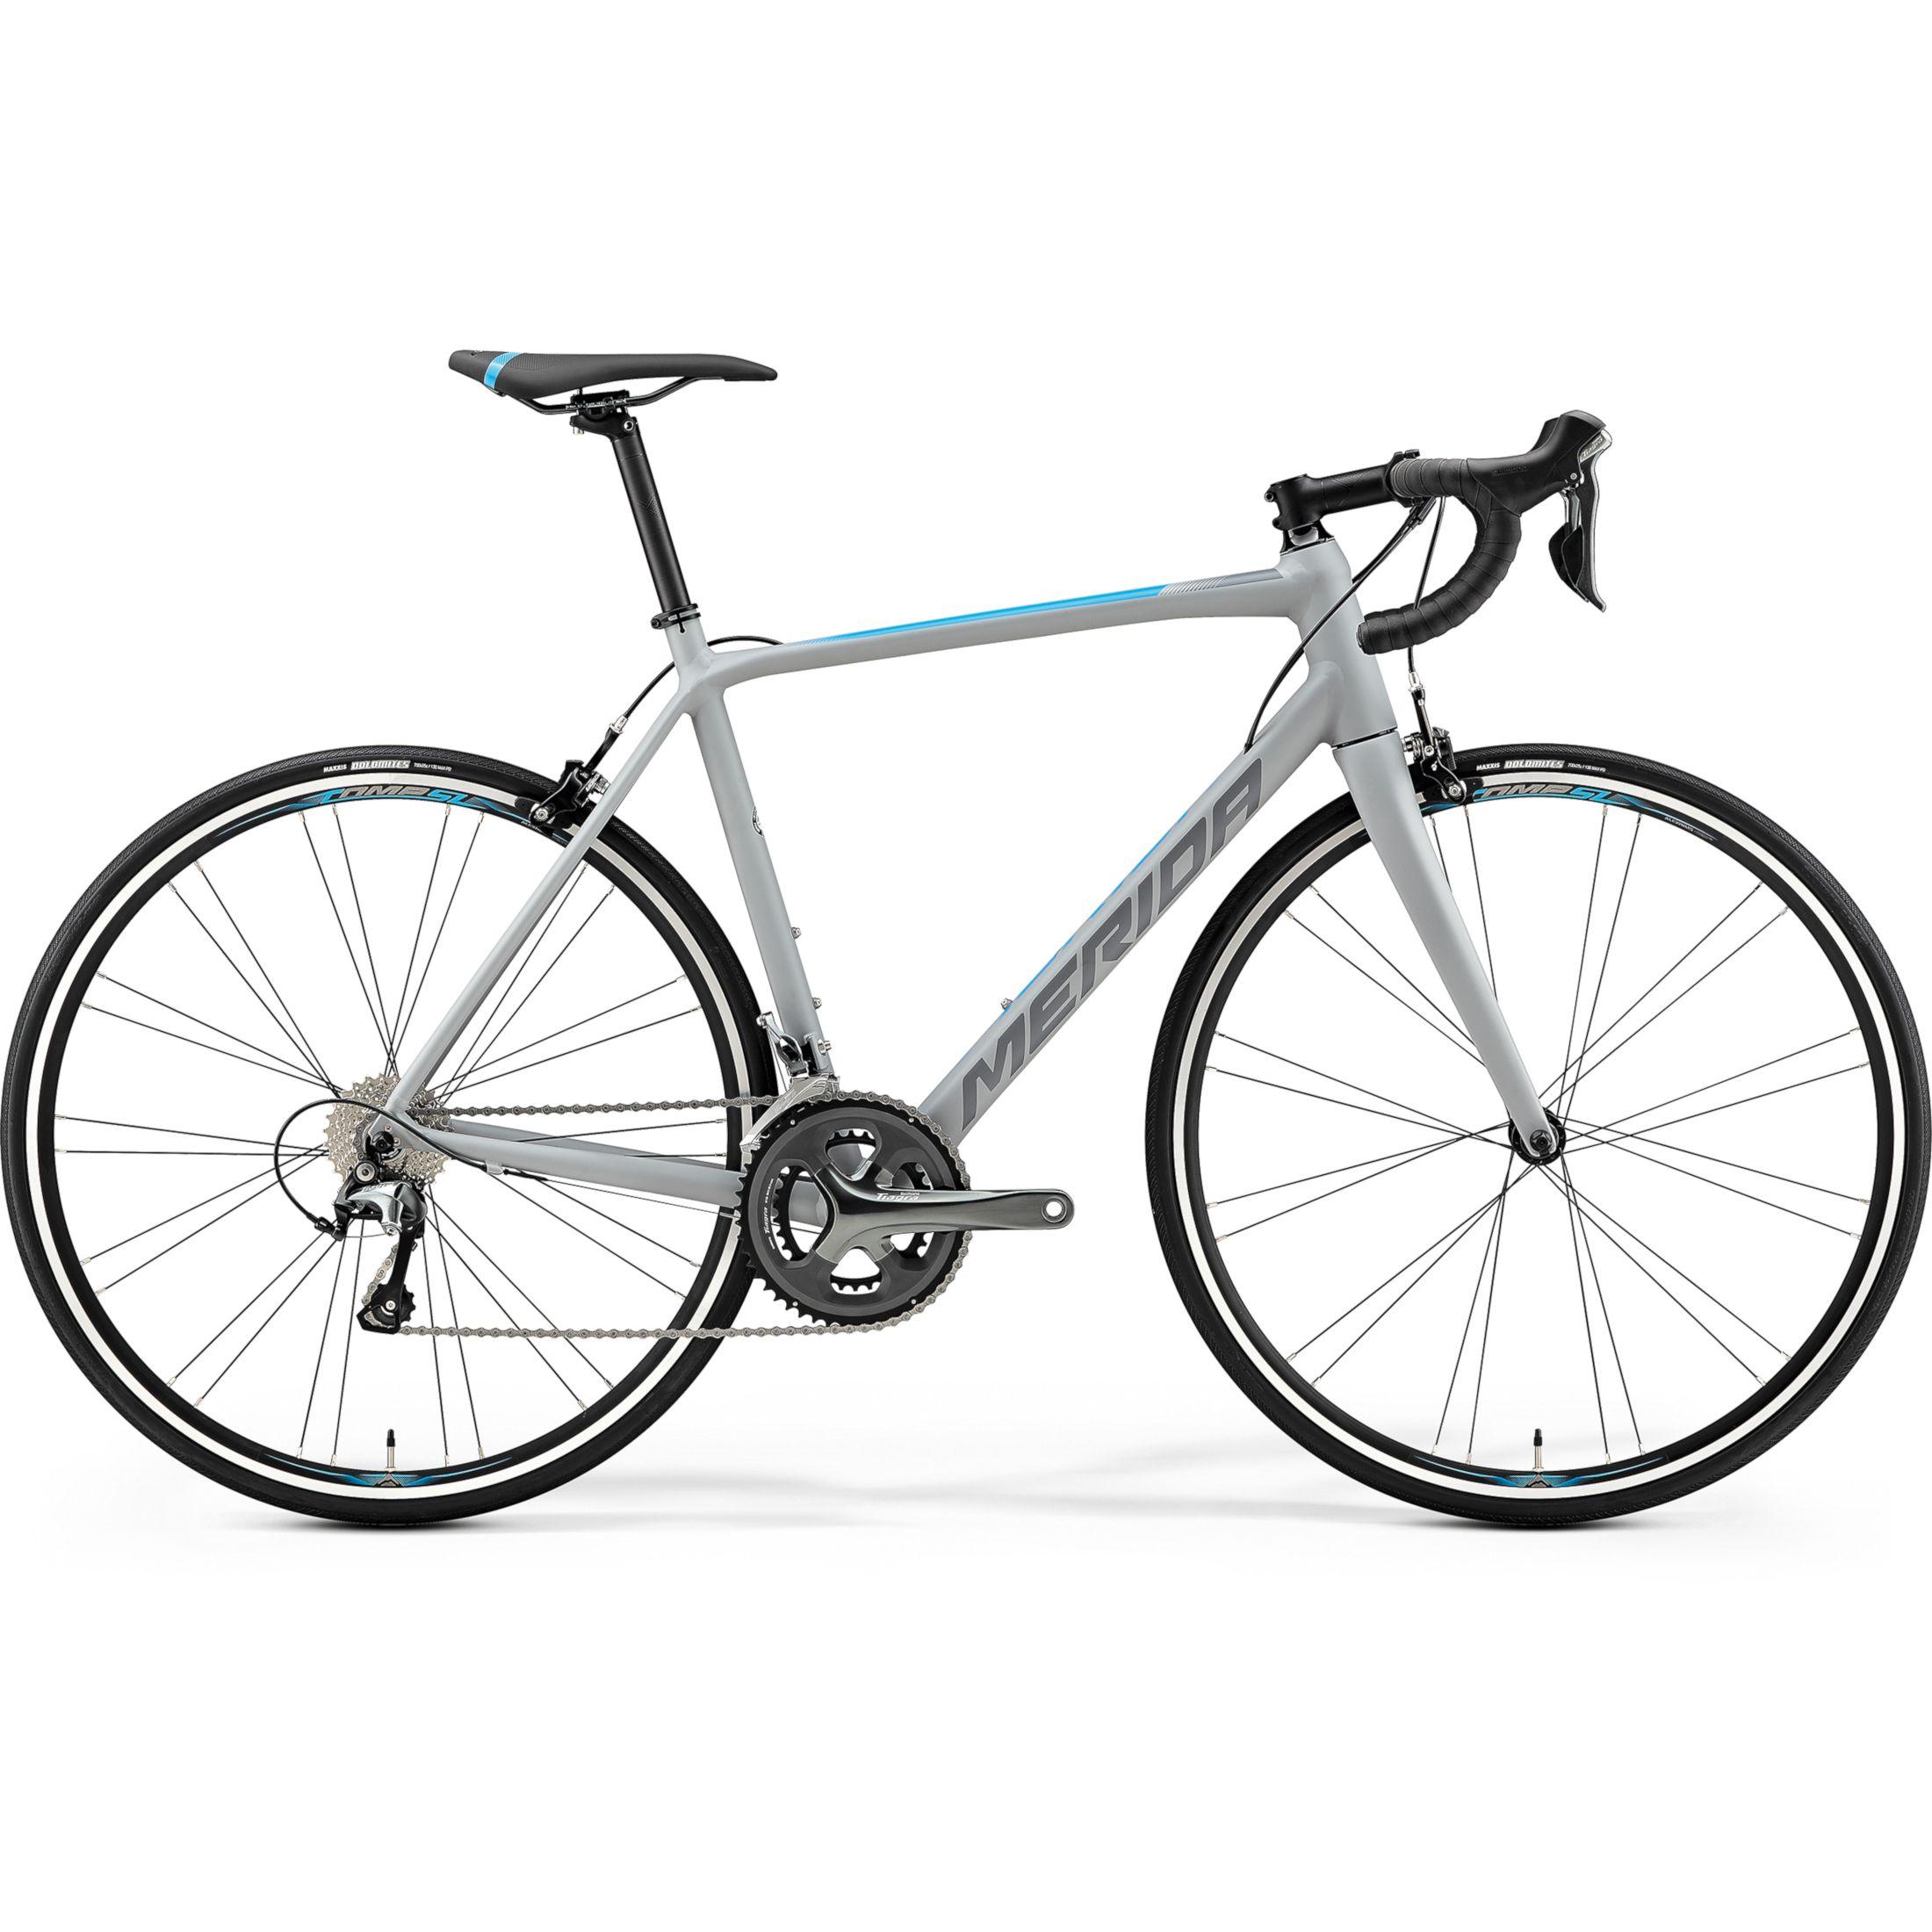 Bicicleta Merida de ruta modelo Scultura 300 2019_73945